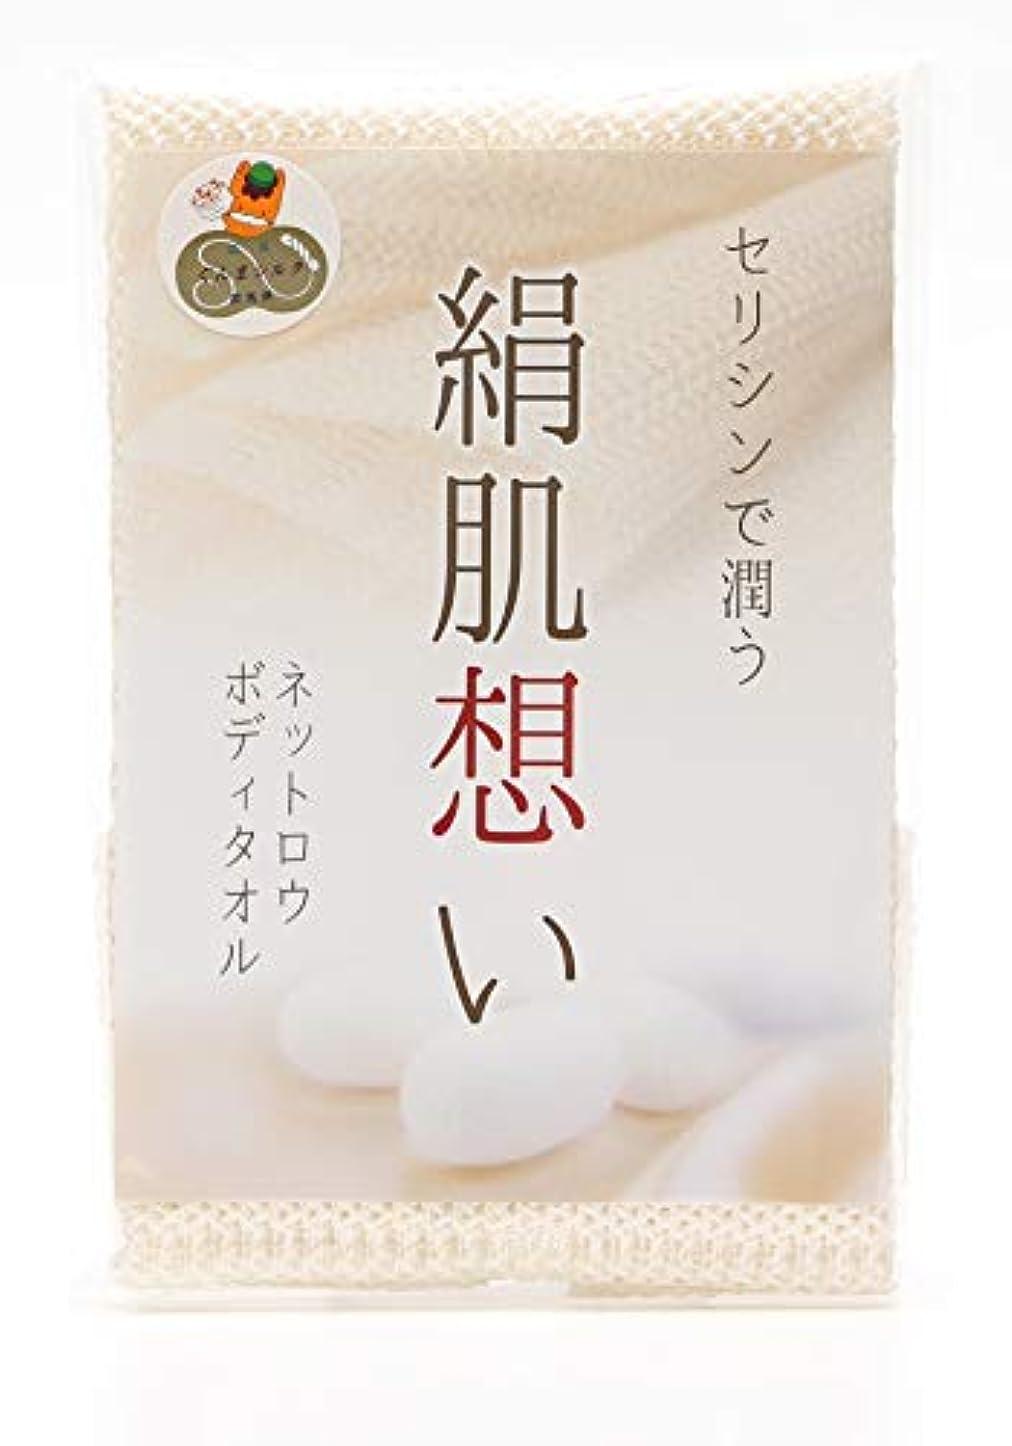 放牧する公式ビヨン[ハッピーシルク] シルクボディータオル 「絹肌想い 」浴用ボディタオル セリシンで潤う シルク100% ネットロウ